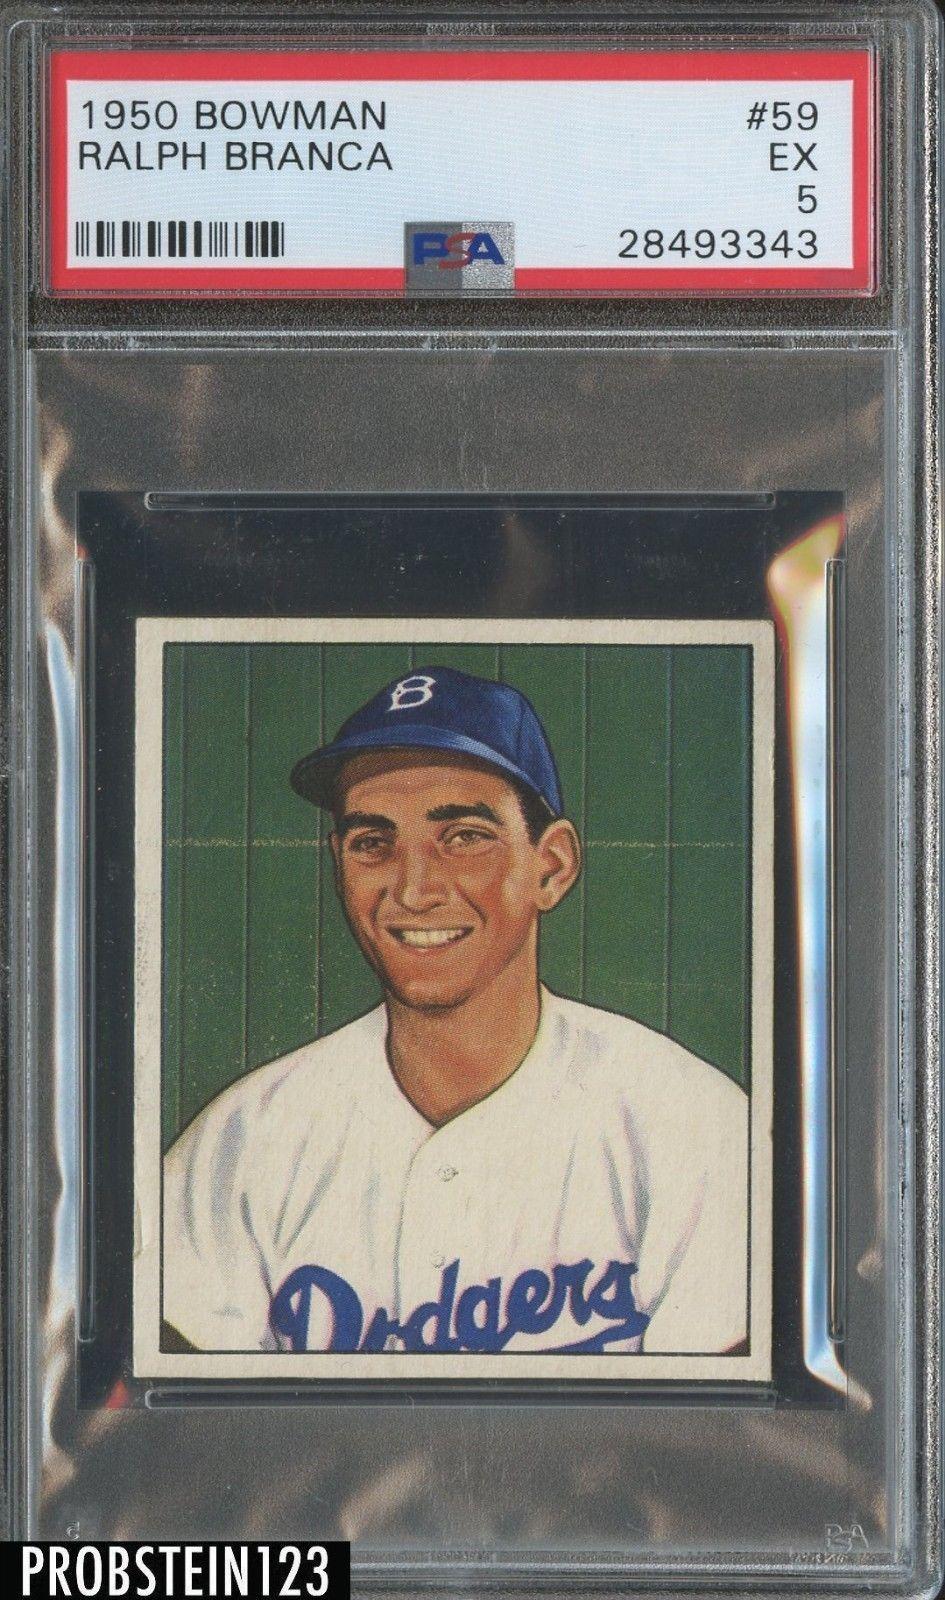 1950 Bowman 59 Ralph Branca Brooklyn Dodgers Psa 5 Ex